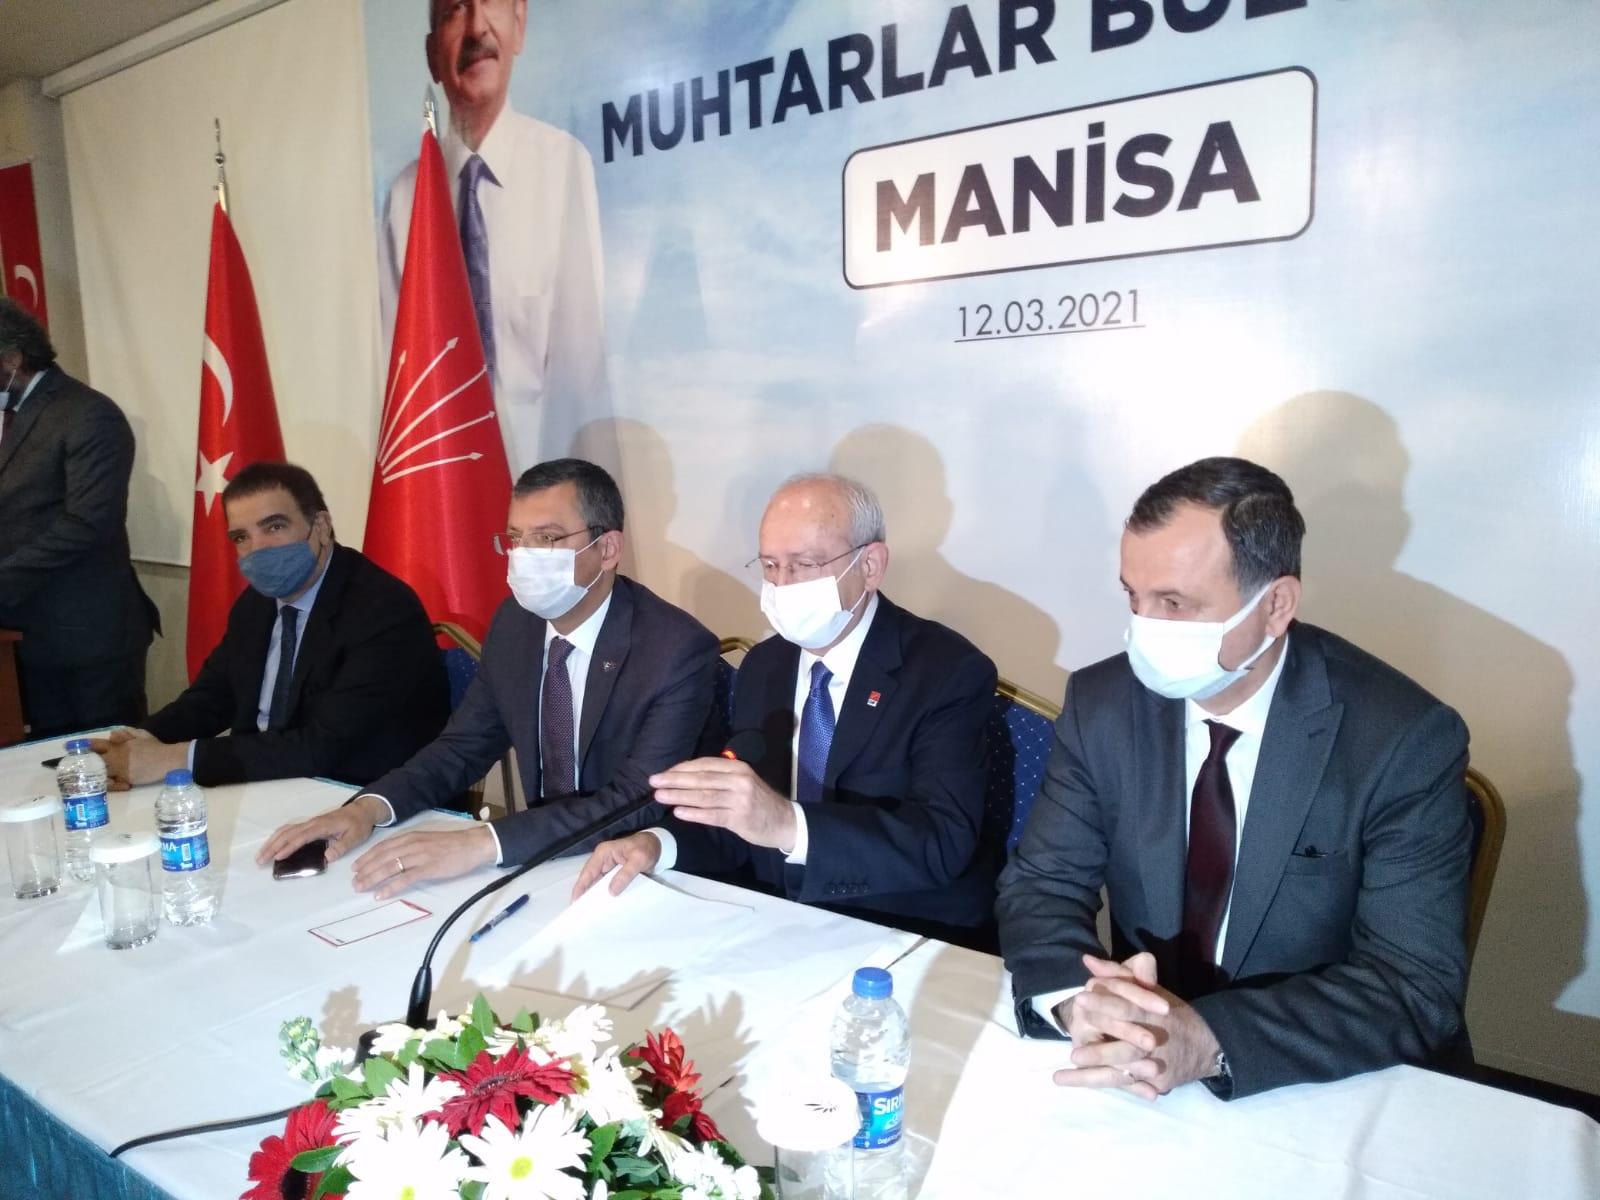 Kılıçdaroğlu: 'Ülkede demokrasi iflas etmek üzere!'